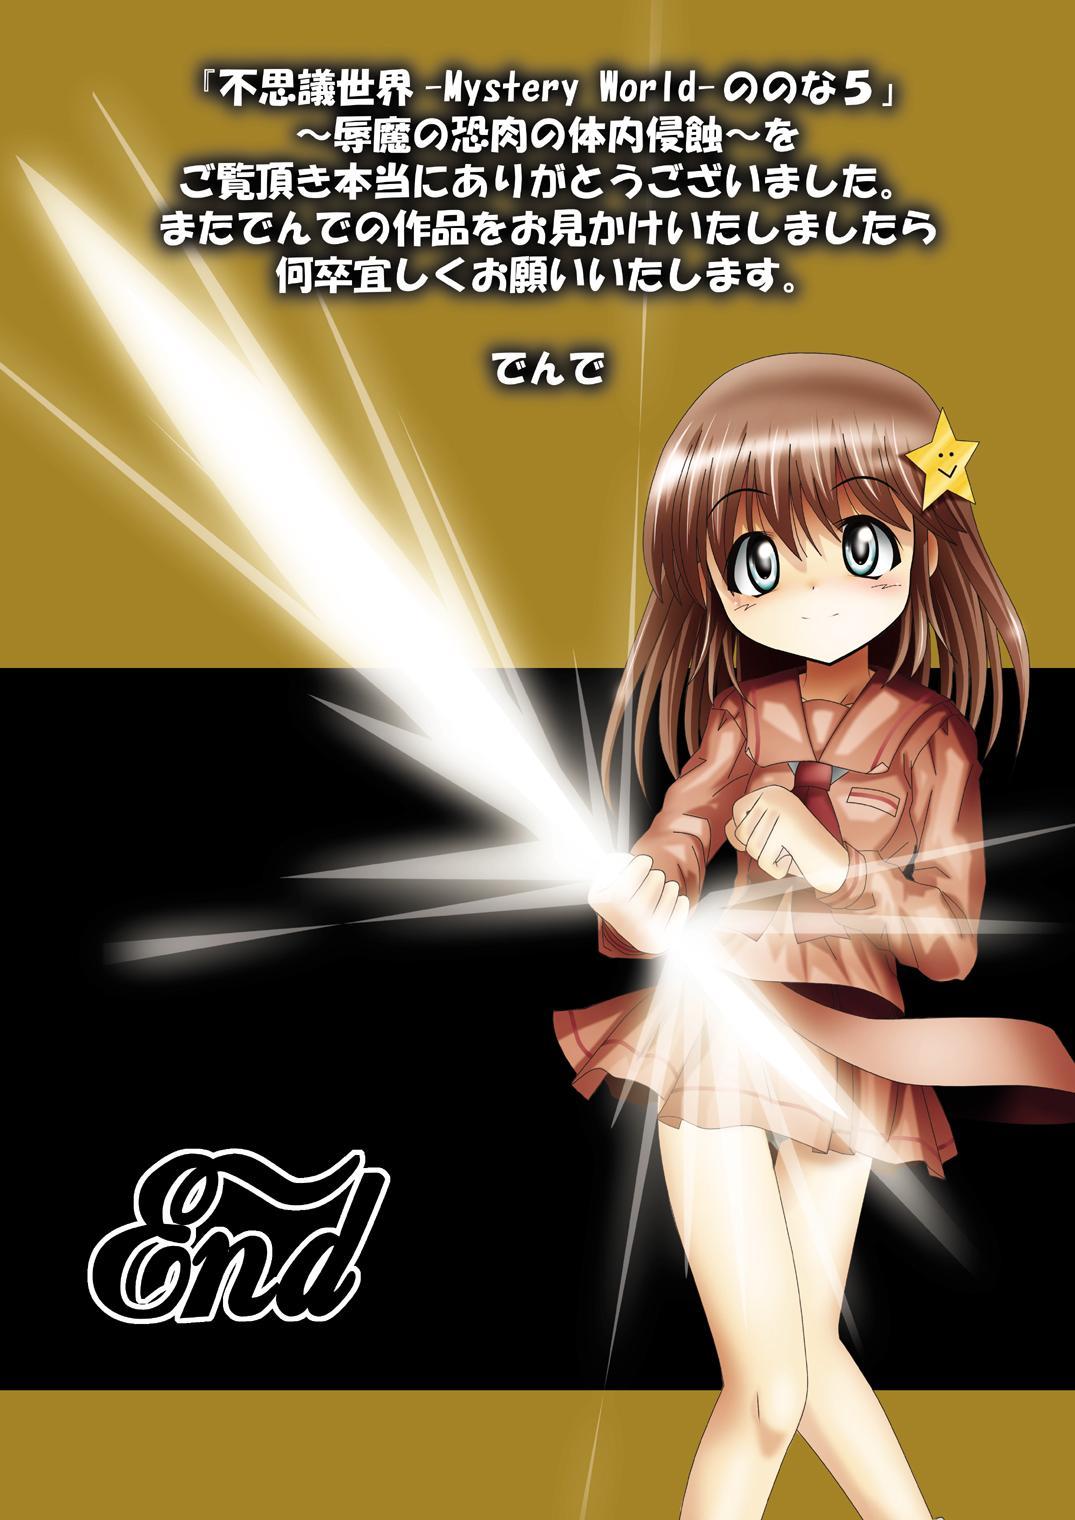 [Dende] Fushigi Sekai -Mystery World- Nonoha 5 ~Jokuma no Kyouniku no Tainai Shinshoku~ 148